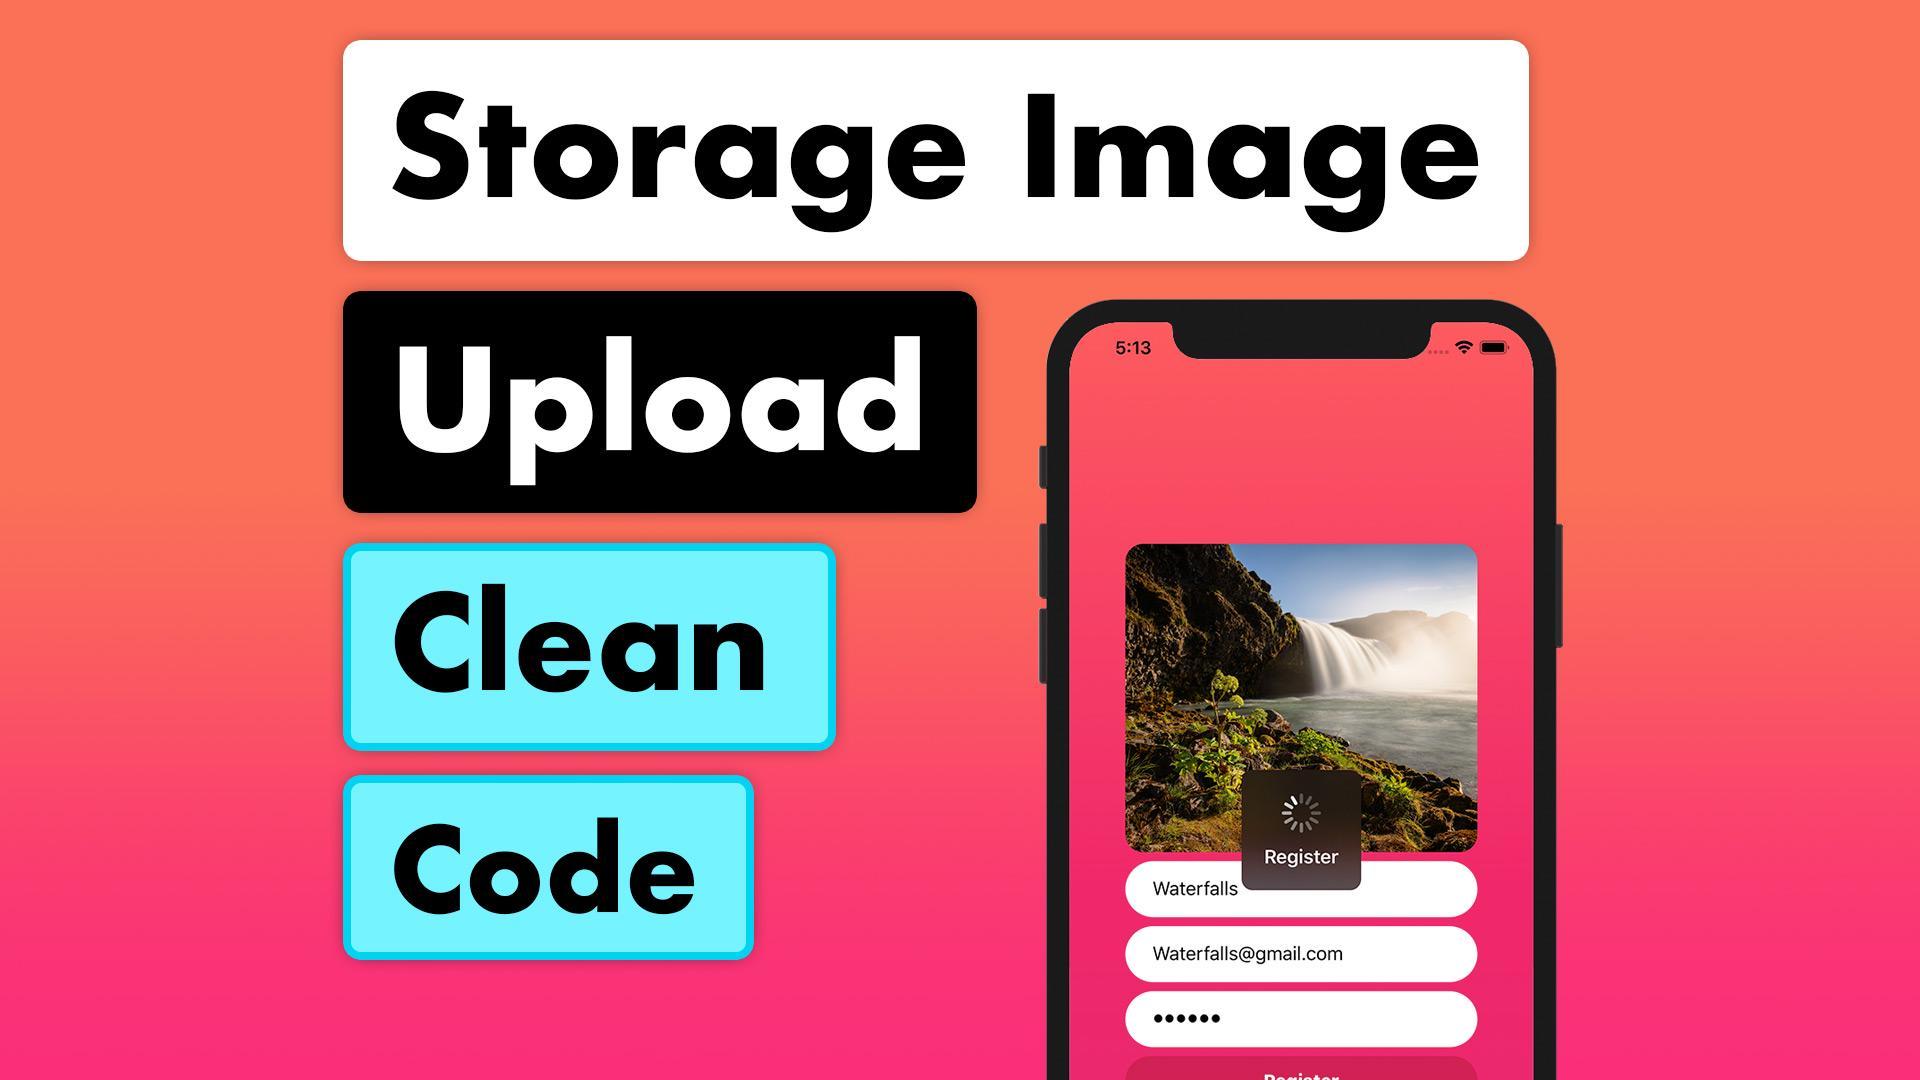 Tinder Firestore MVVM 19 - Storage Image Upload Clean Code | Lets